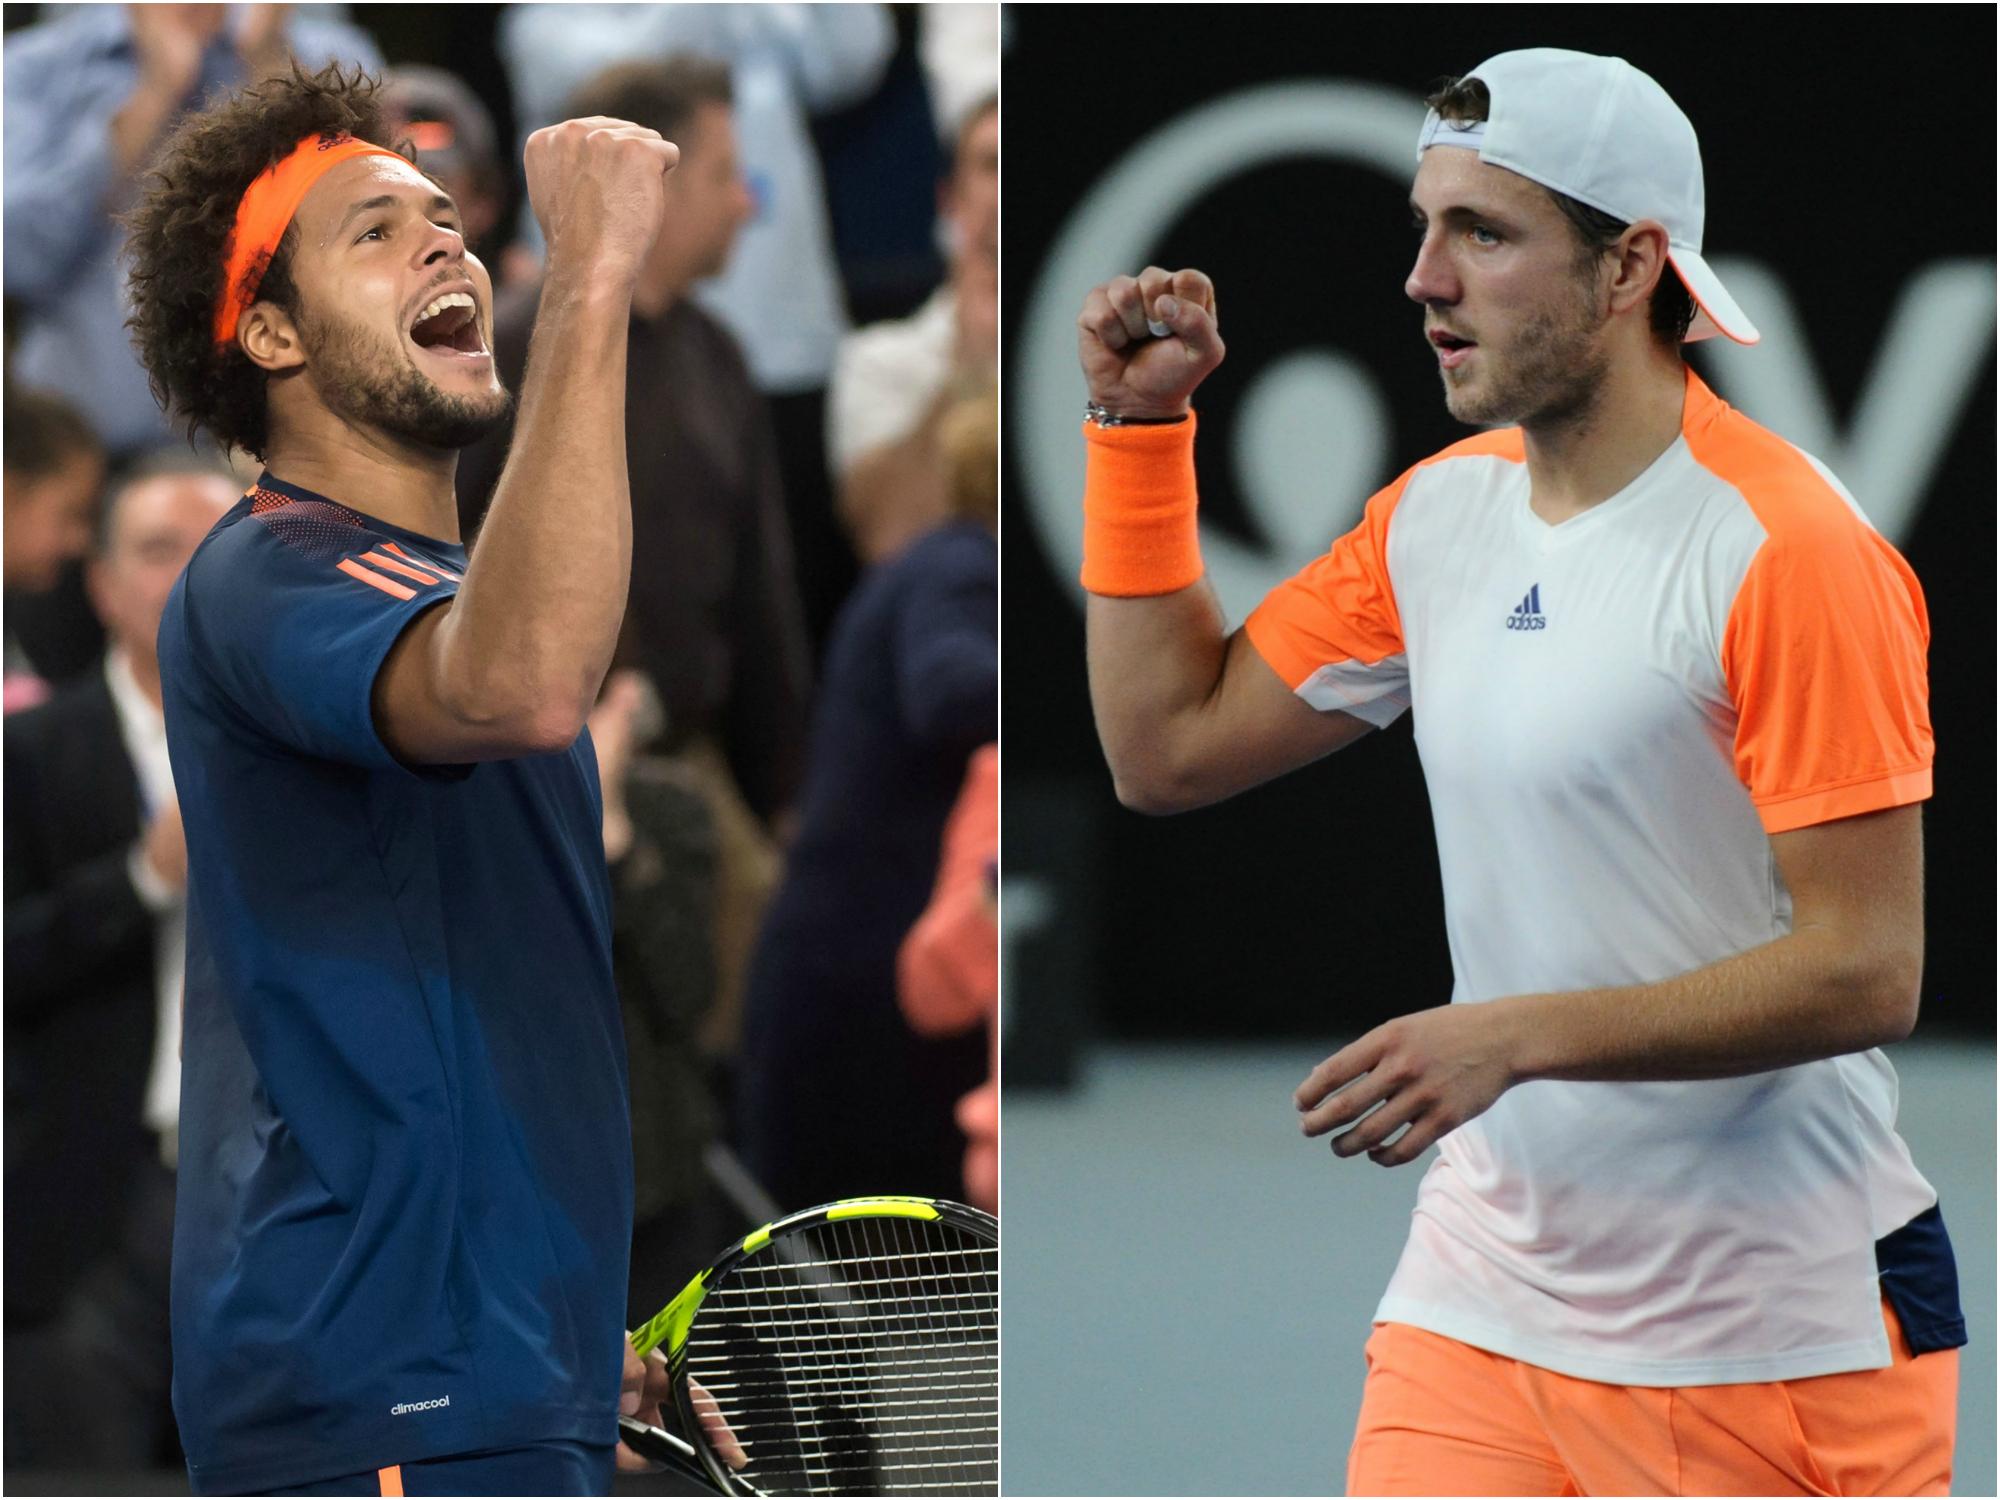 Tennis - ATP - Tsonga-Pouille, une finale 100% française à Marseille